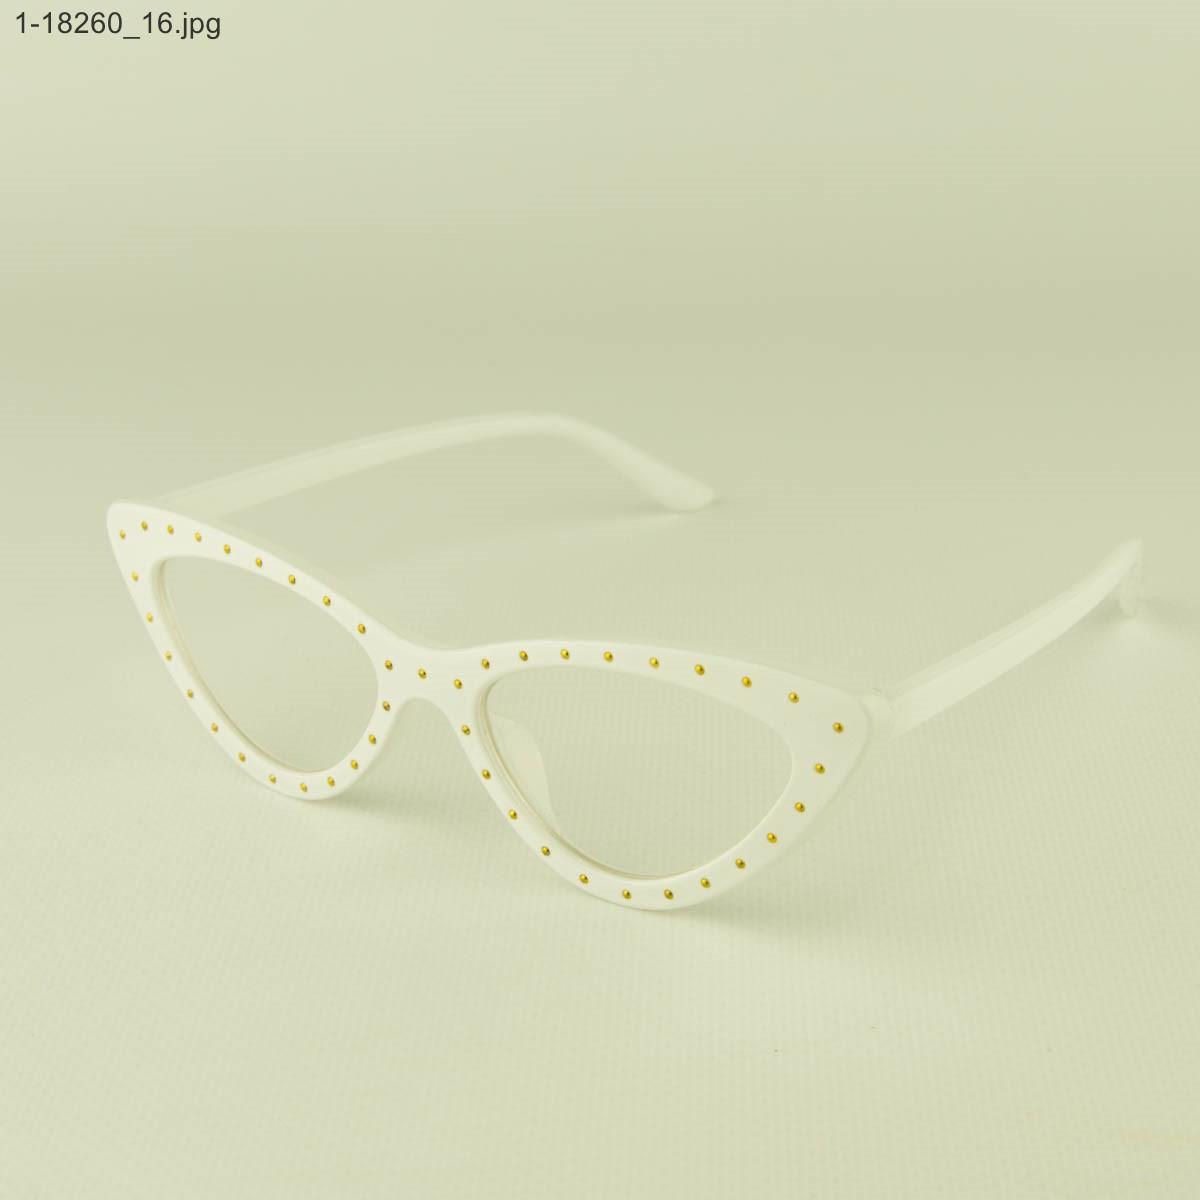 Оптом очки имиджевые кошачий глаз - Белые с шипами - 1-18260